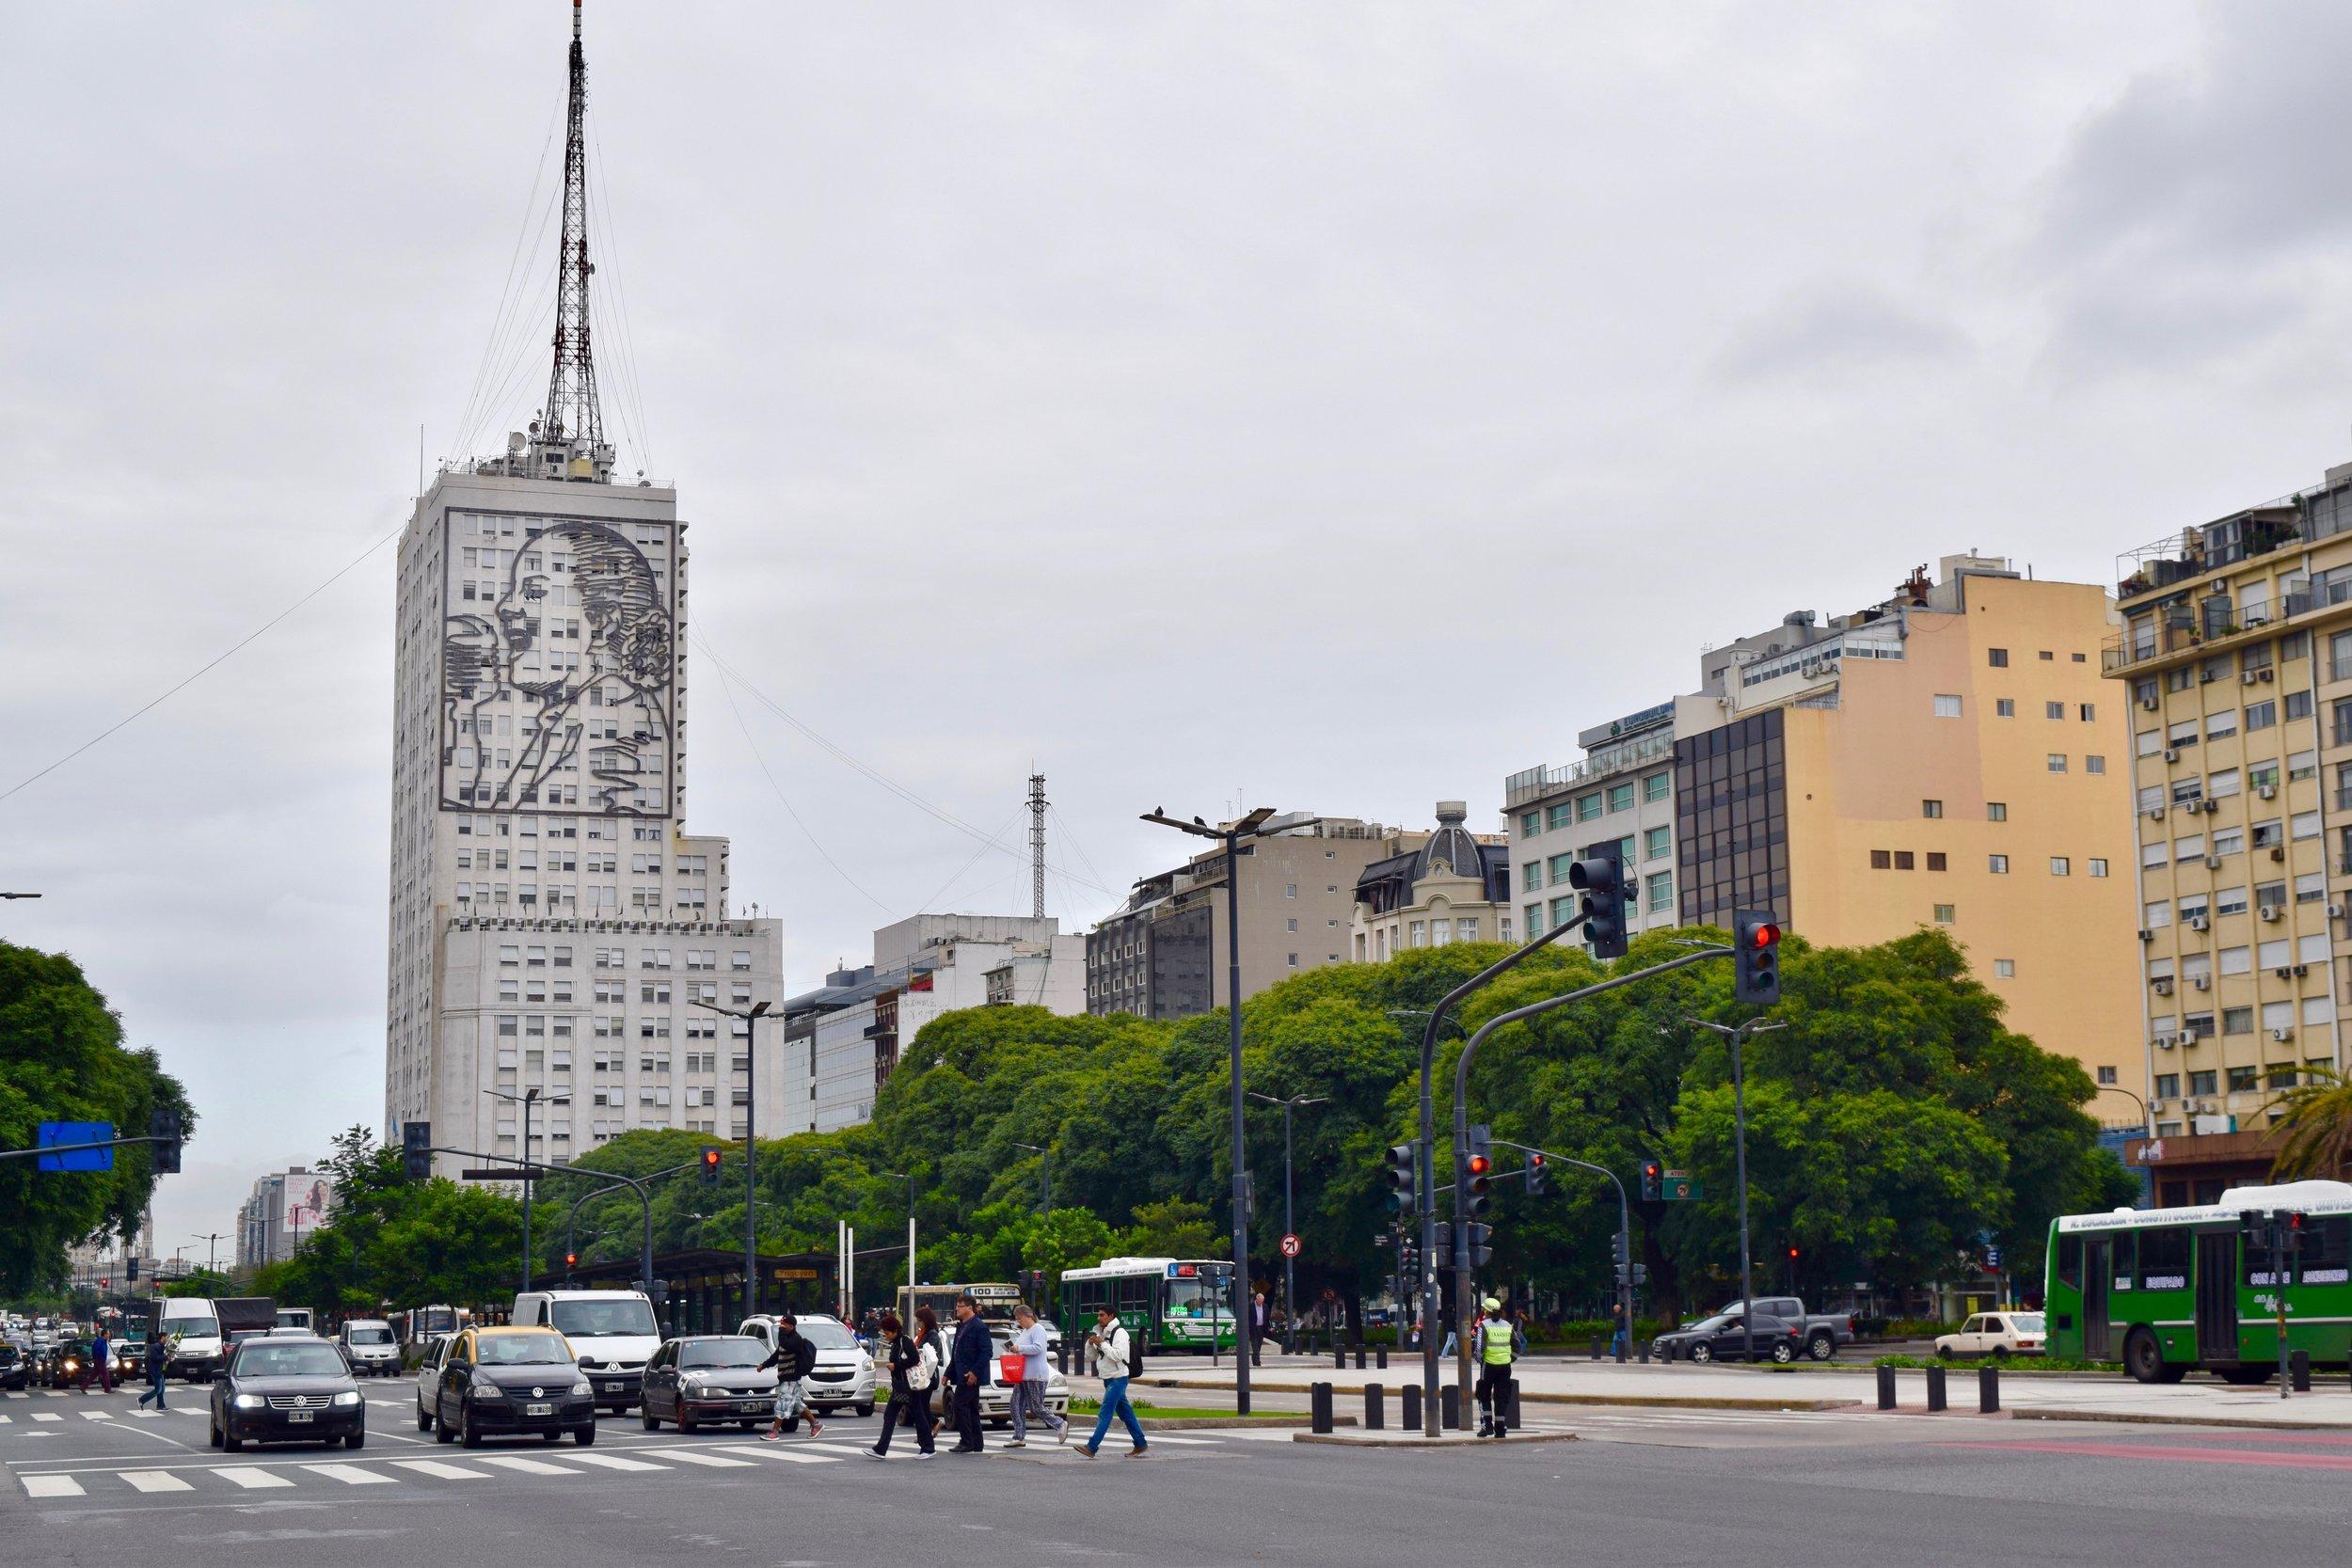 Image of Eva Perón in Avenida 25 de Mayo